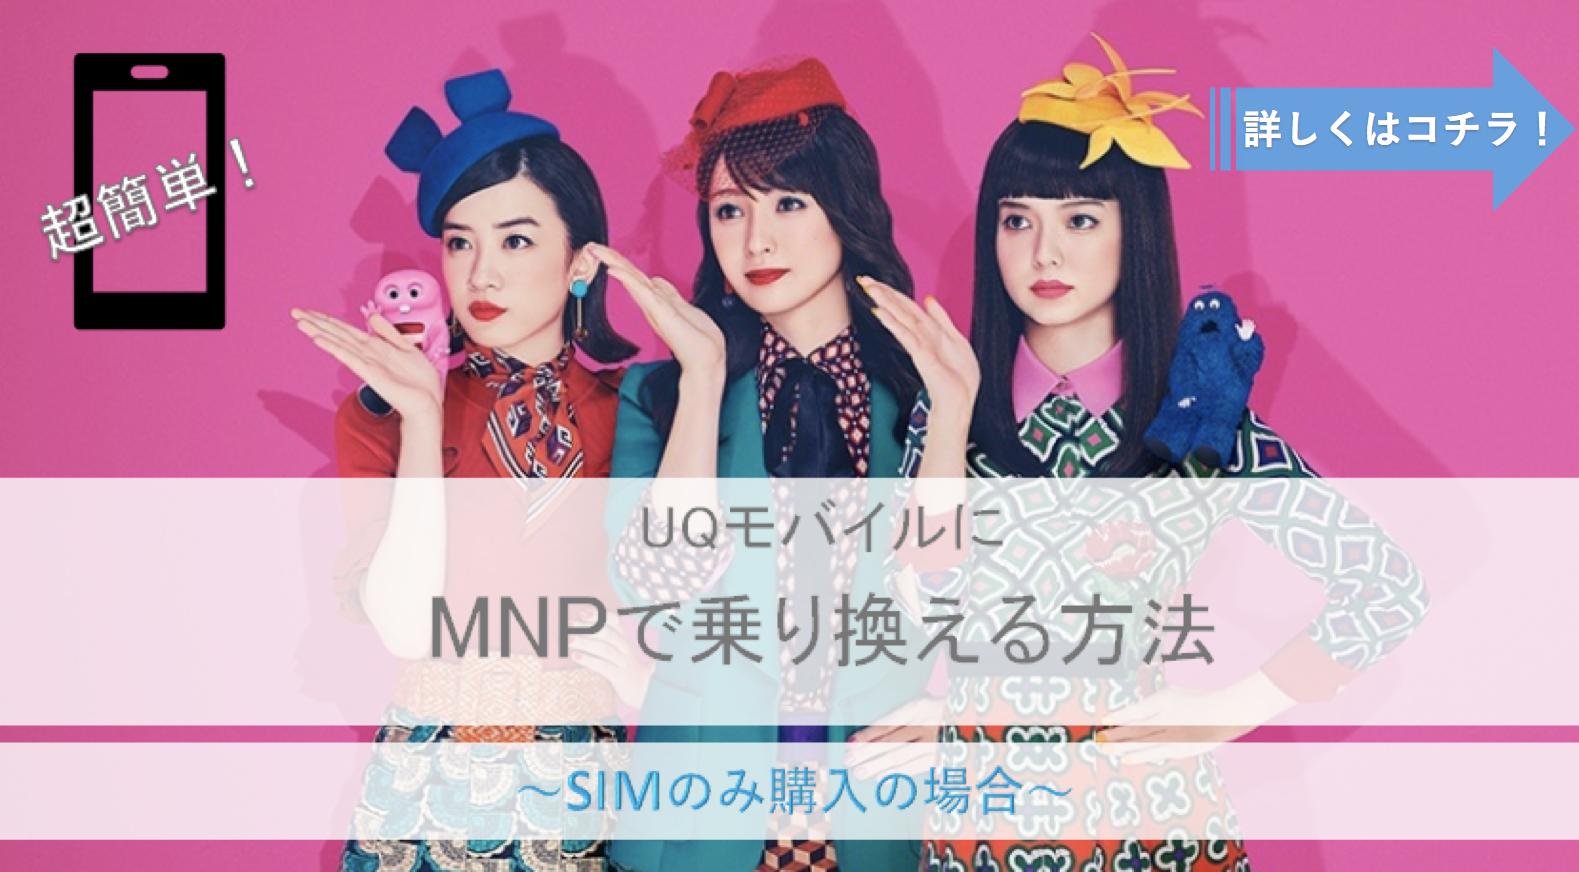 UQモバイルにMNPで乗り換える方法~SIMのみ購入編~